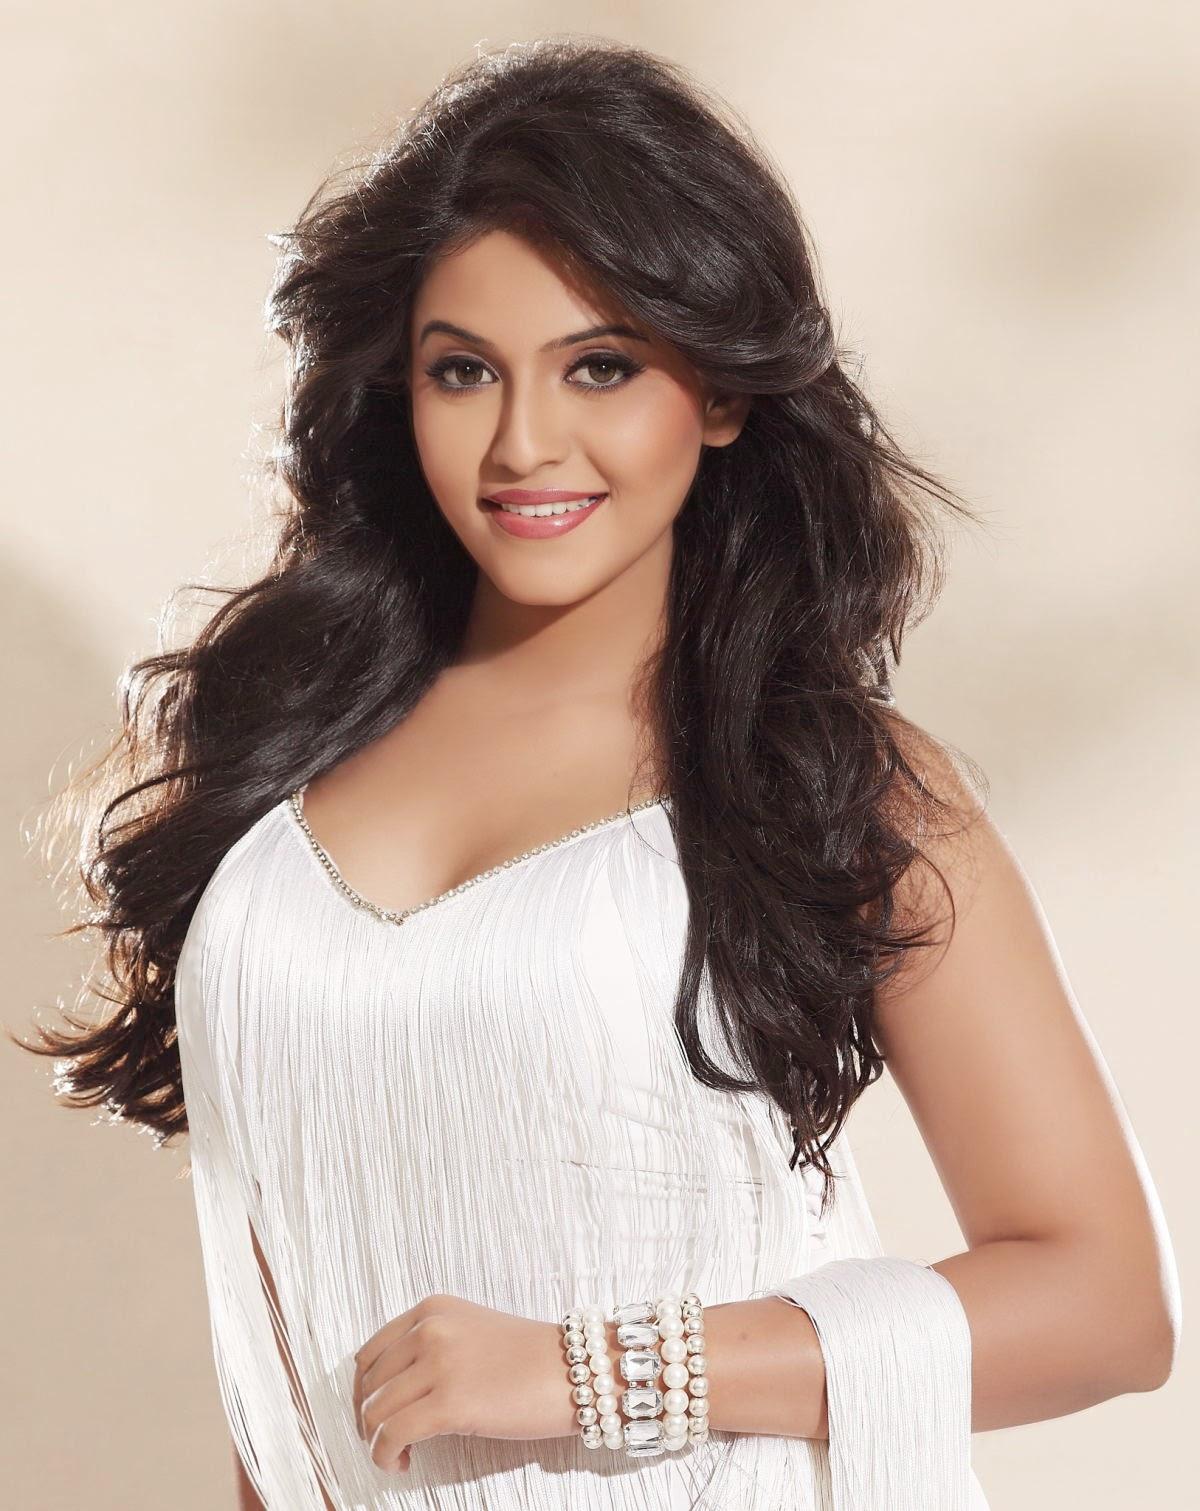 actress anjali glamorous photo shoto gallery photo 8 | telugu movie